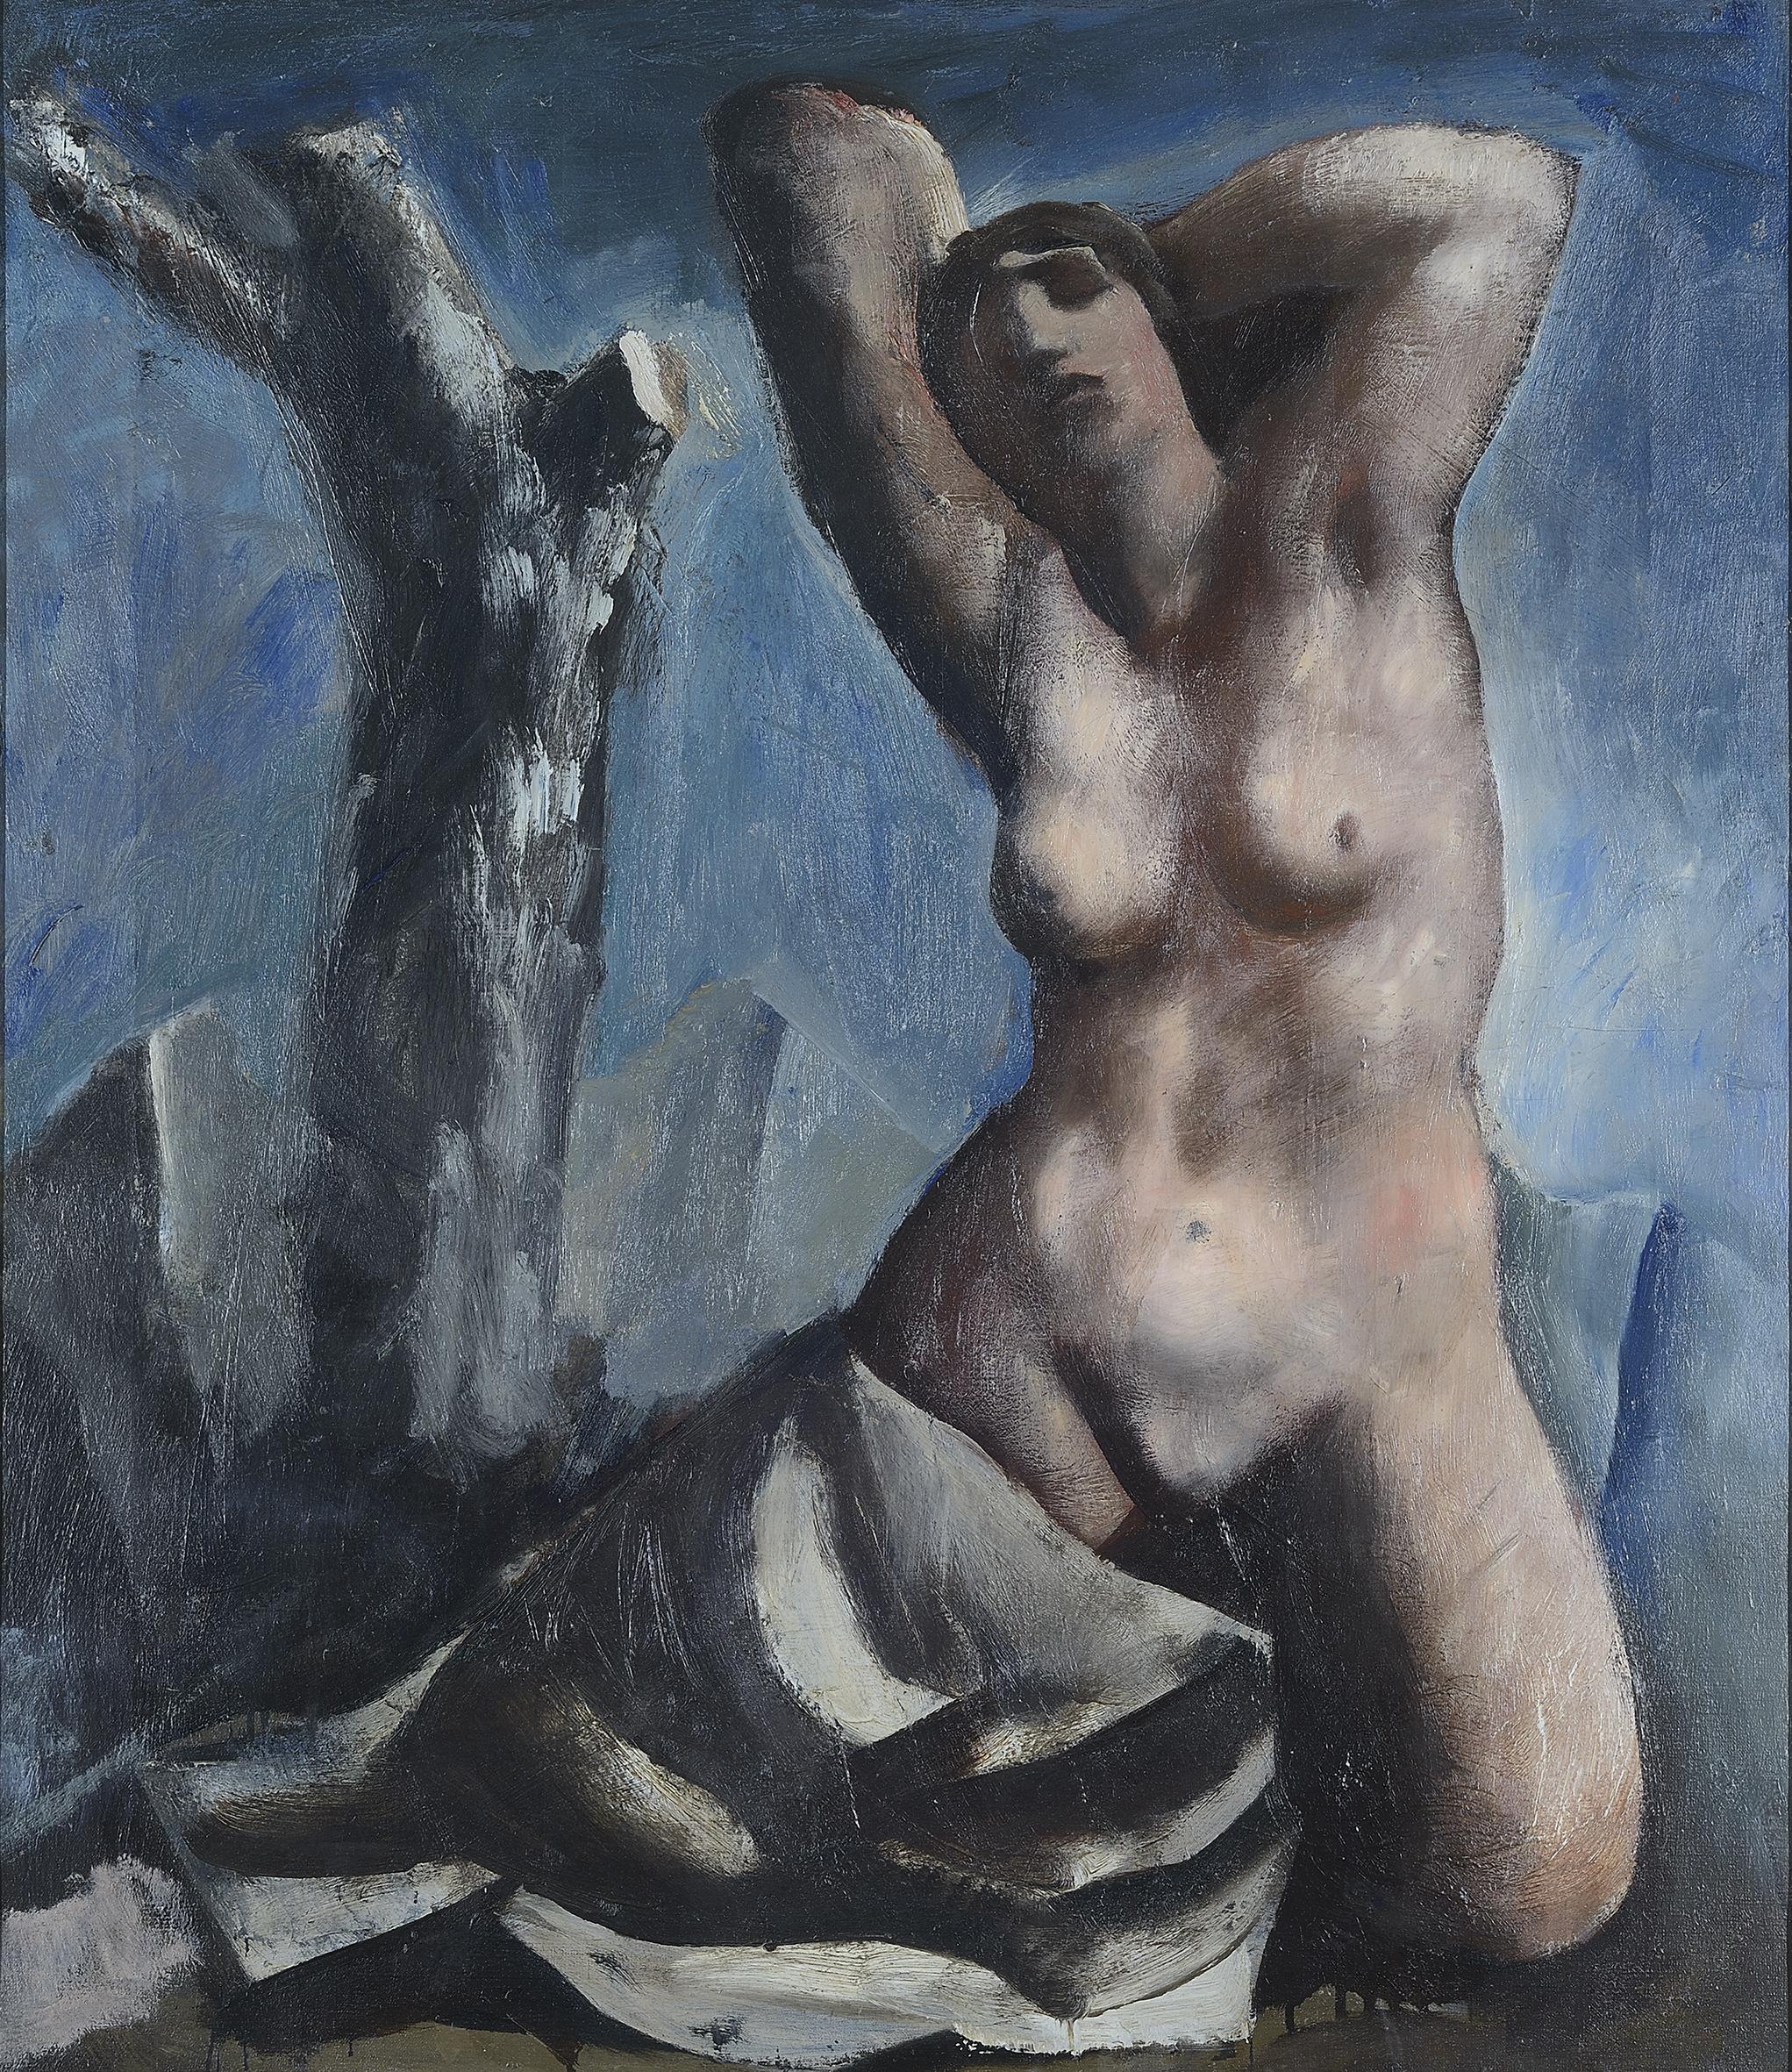 Mario Sironi, Nudo e albero, 1931 ca, olio su tela, 80 x 70 cm, Monza, collezione privata - © by SIAE 2021